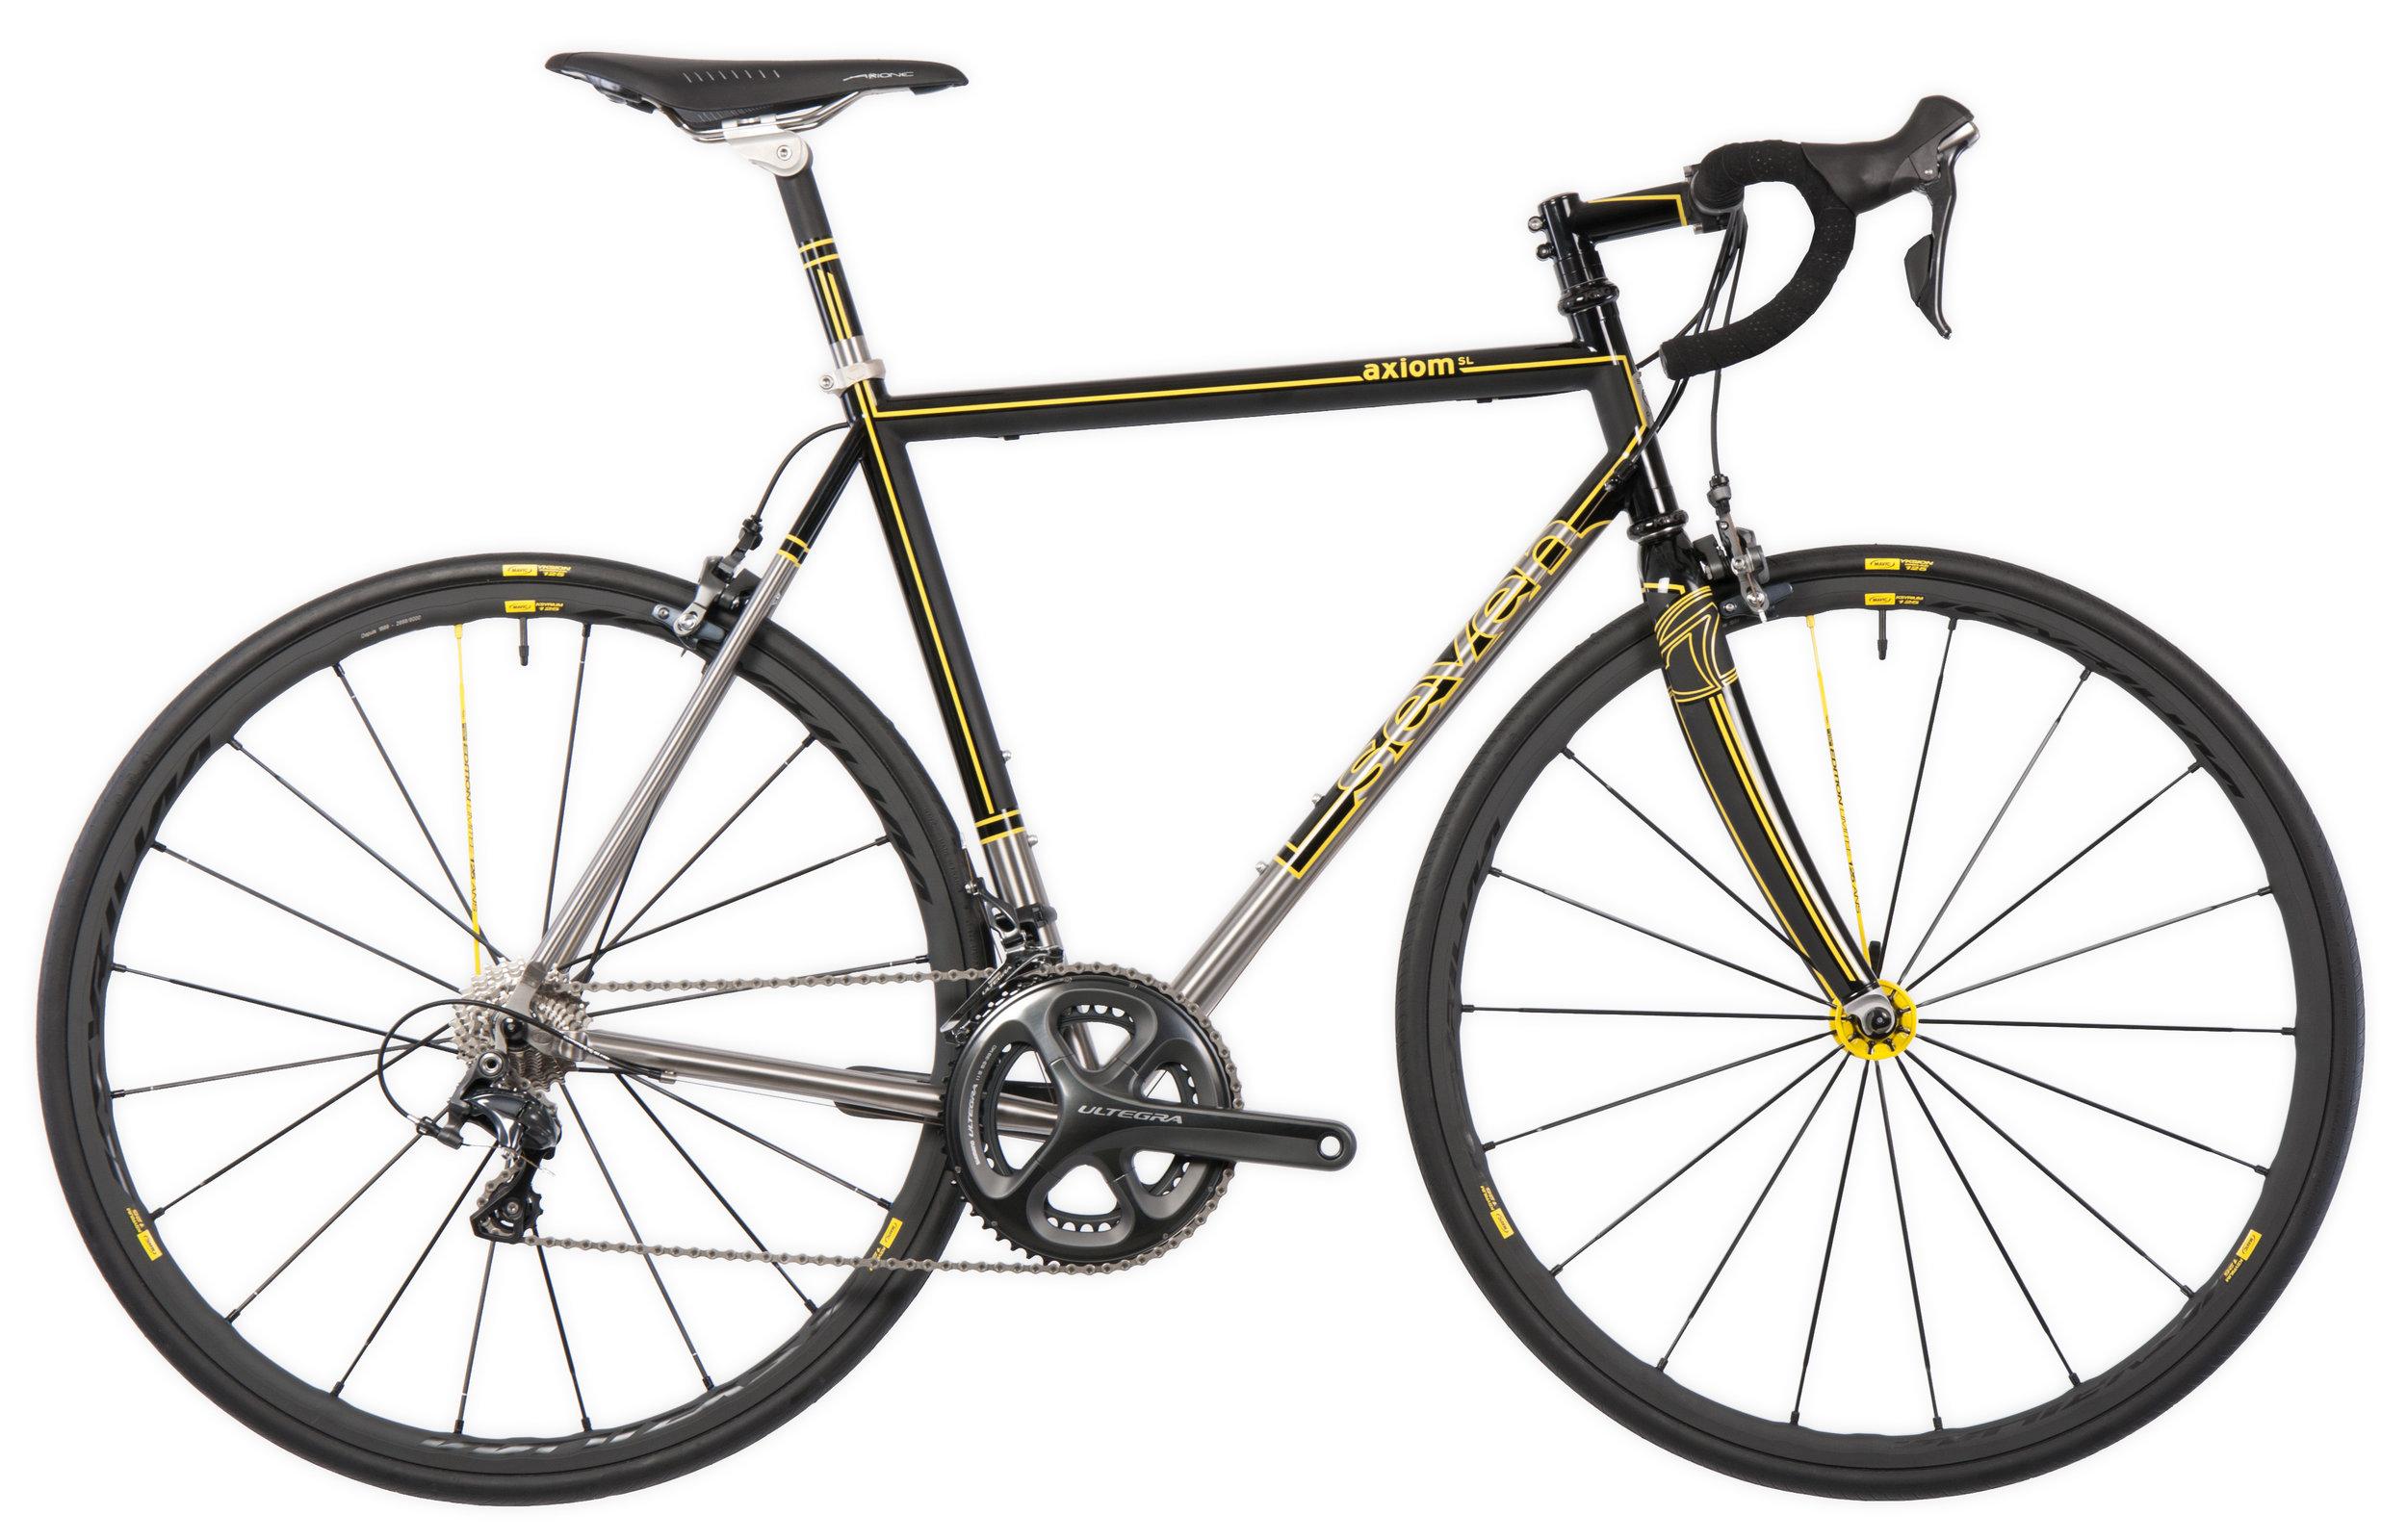 Mavic Bike Side DSC_0003.jpg